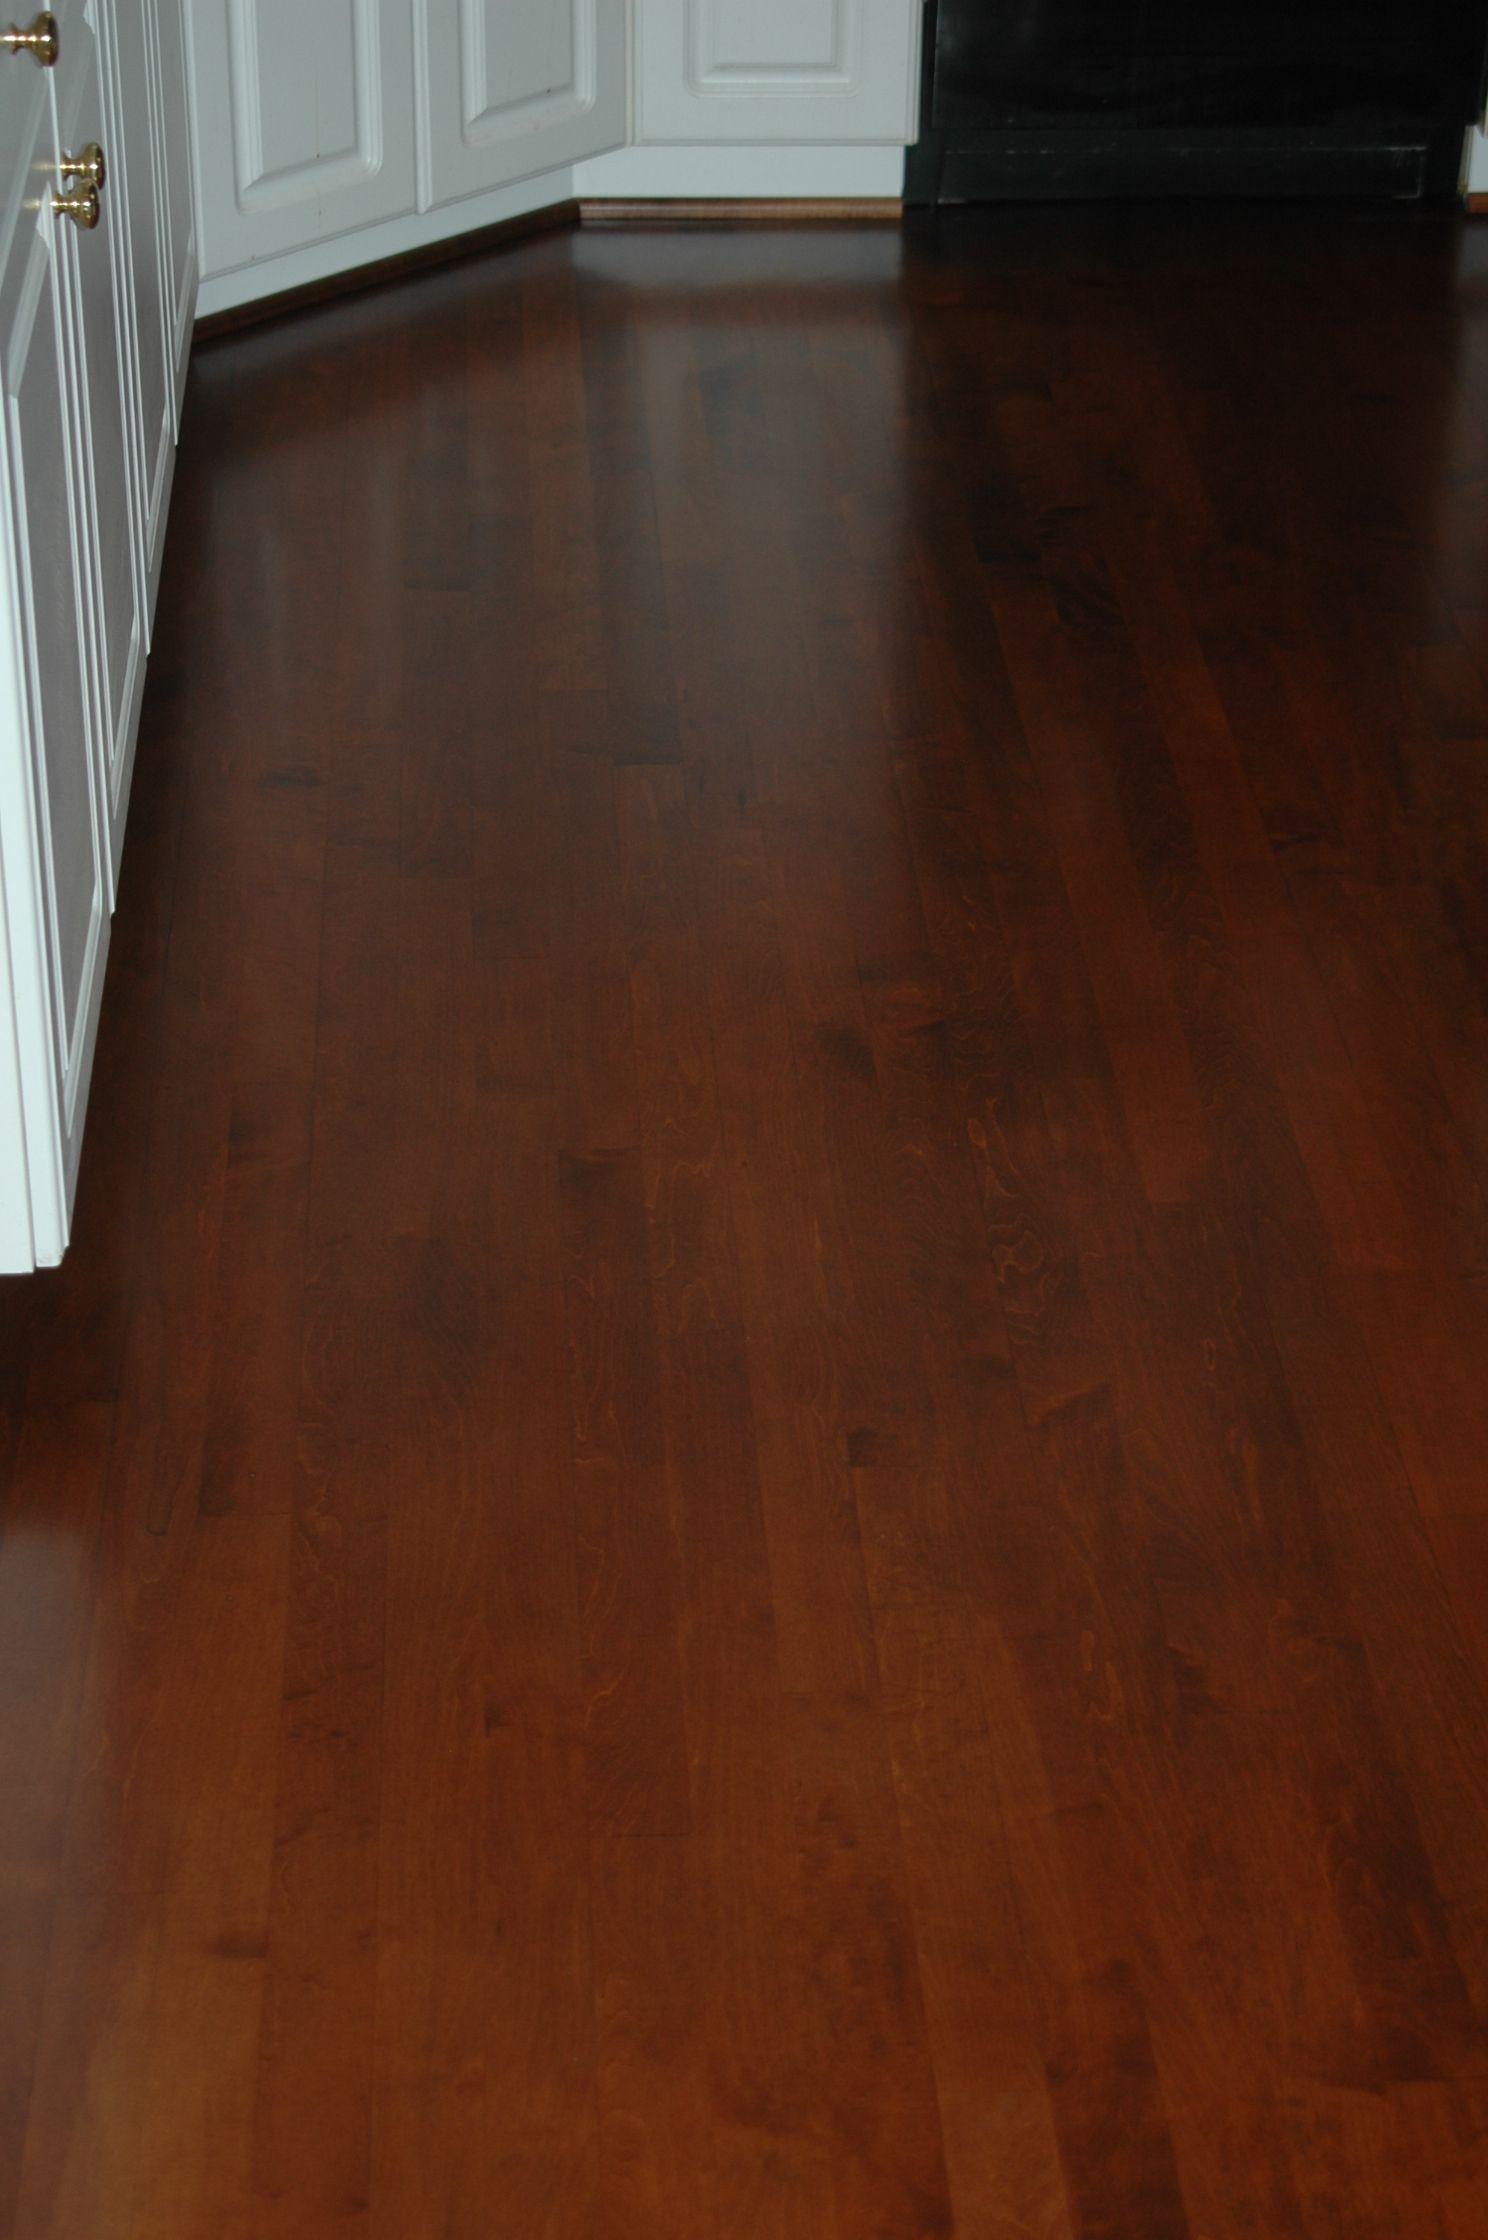 20 Stylish Hardwood Flooring Utah With Images Maple Hardwood Floors Maple Floors Hardwood Floors Dark